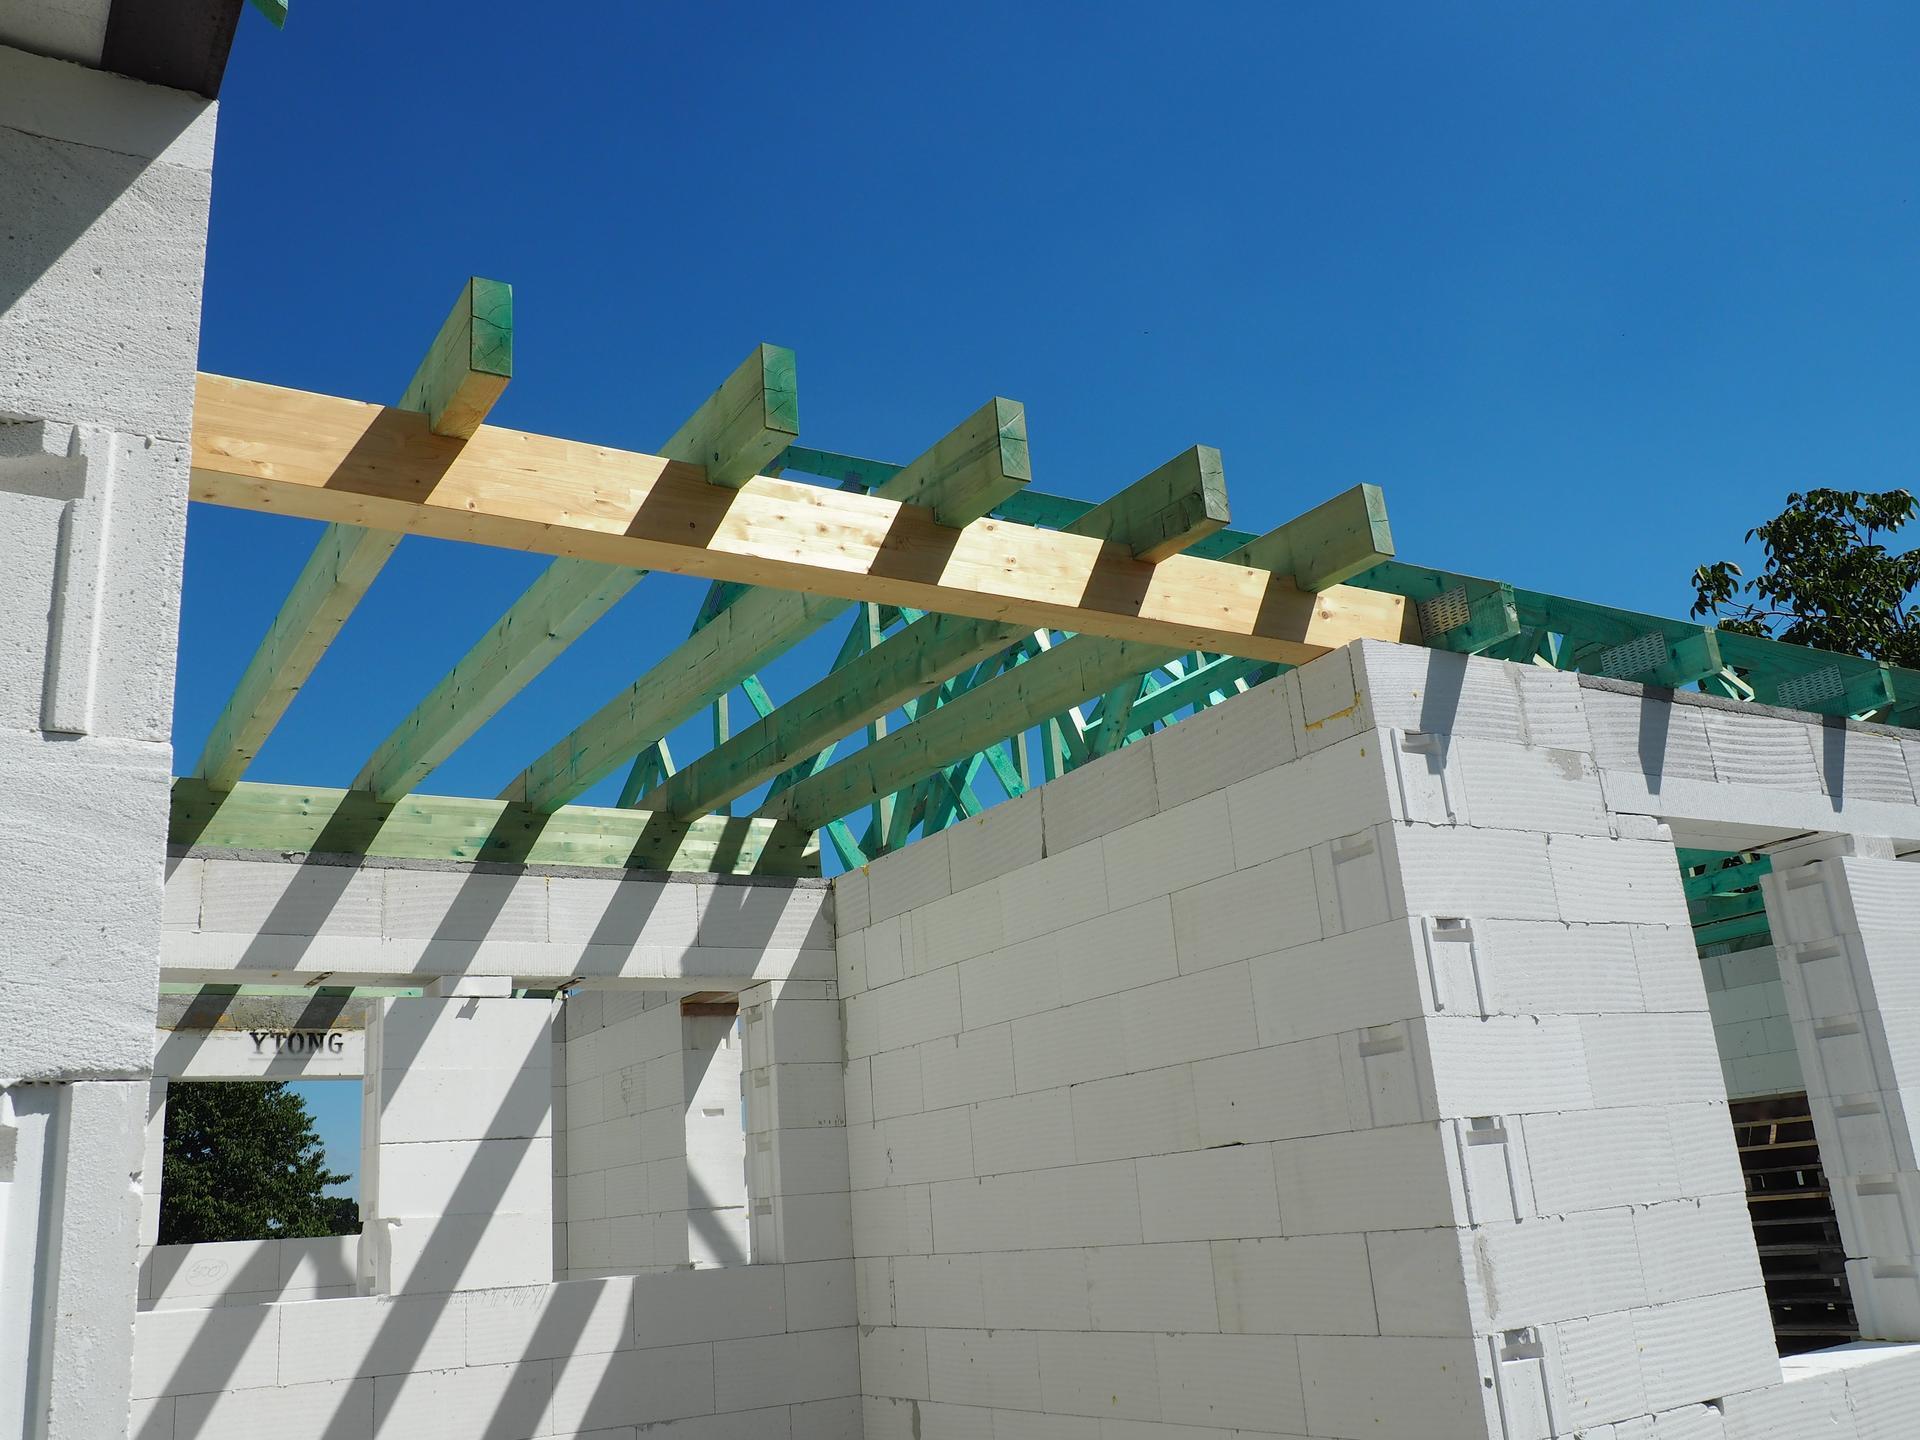 Dům do L - stavba 2020/2021 - 22.7.2020 Trámy na spojovacím krčku